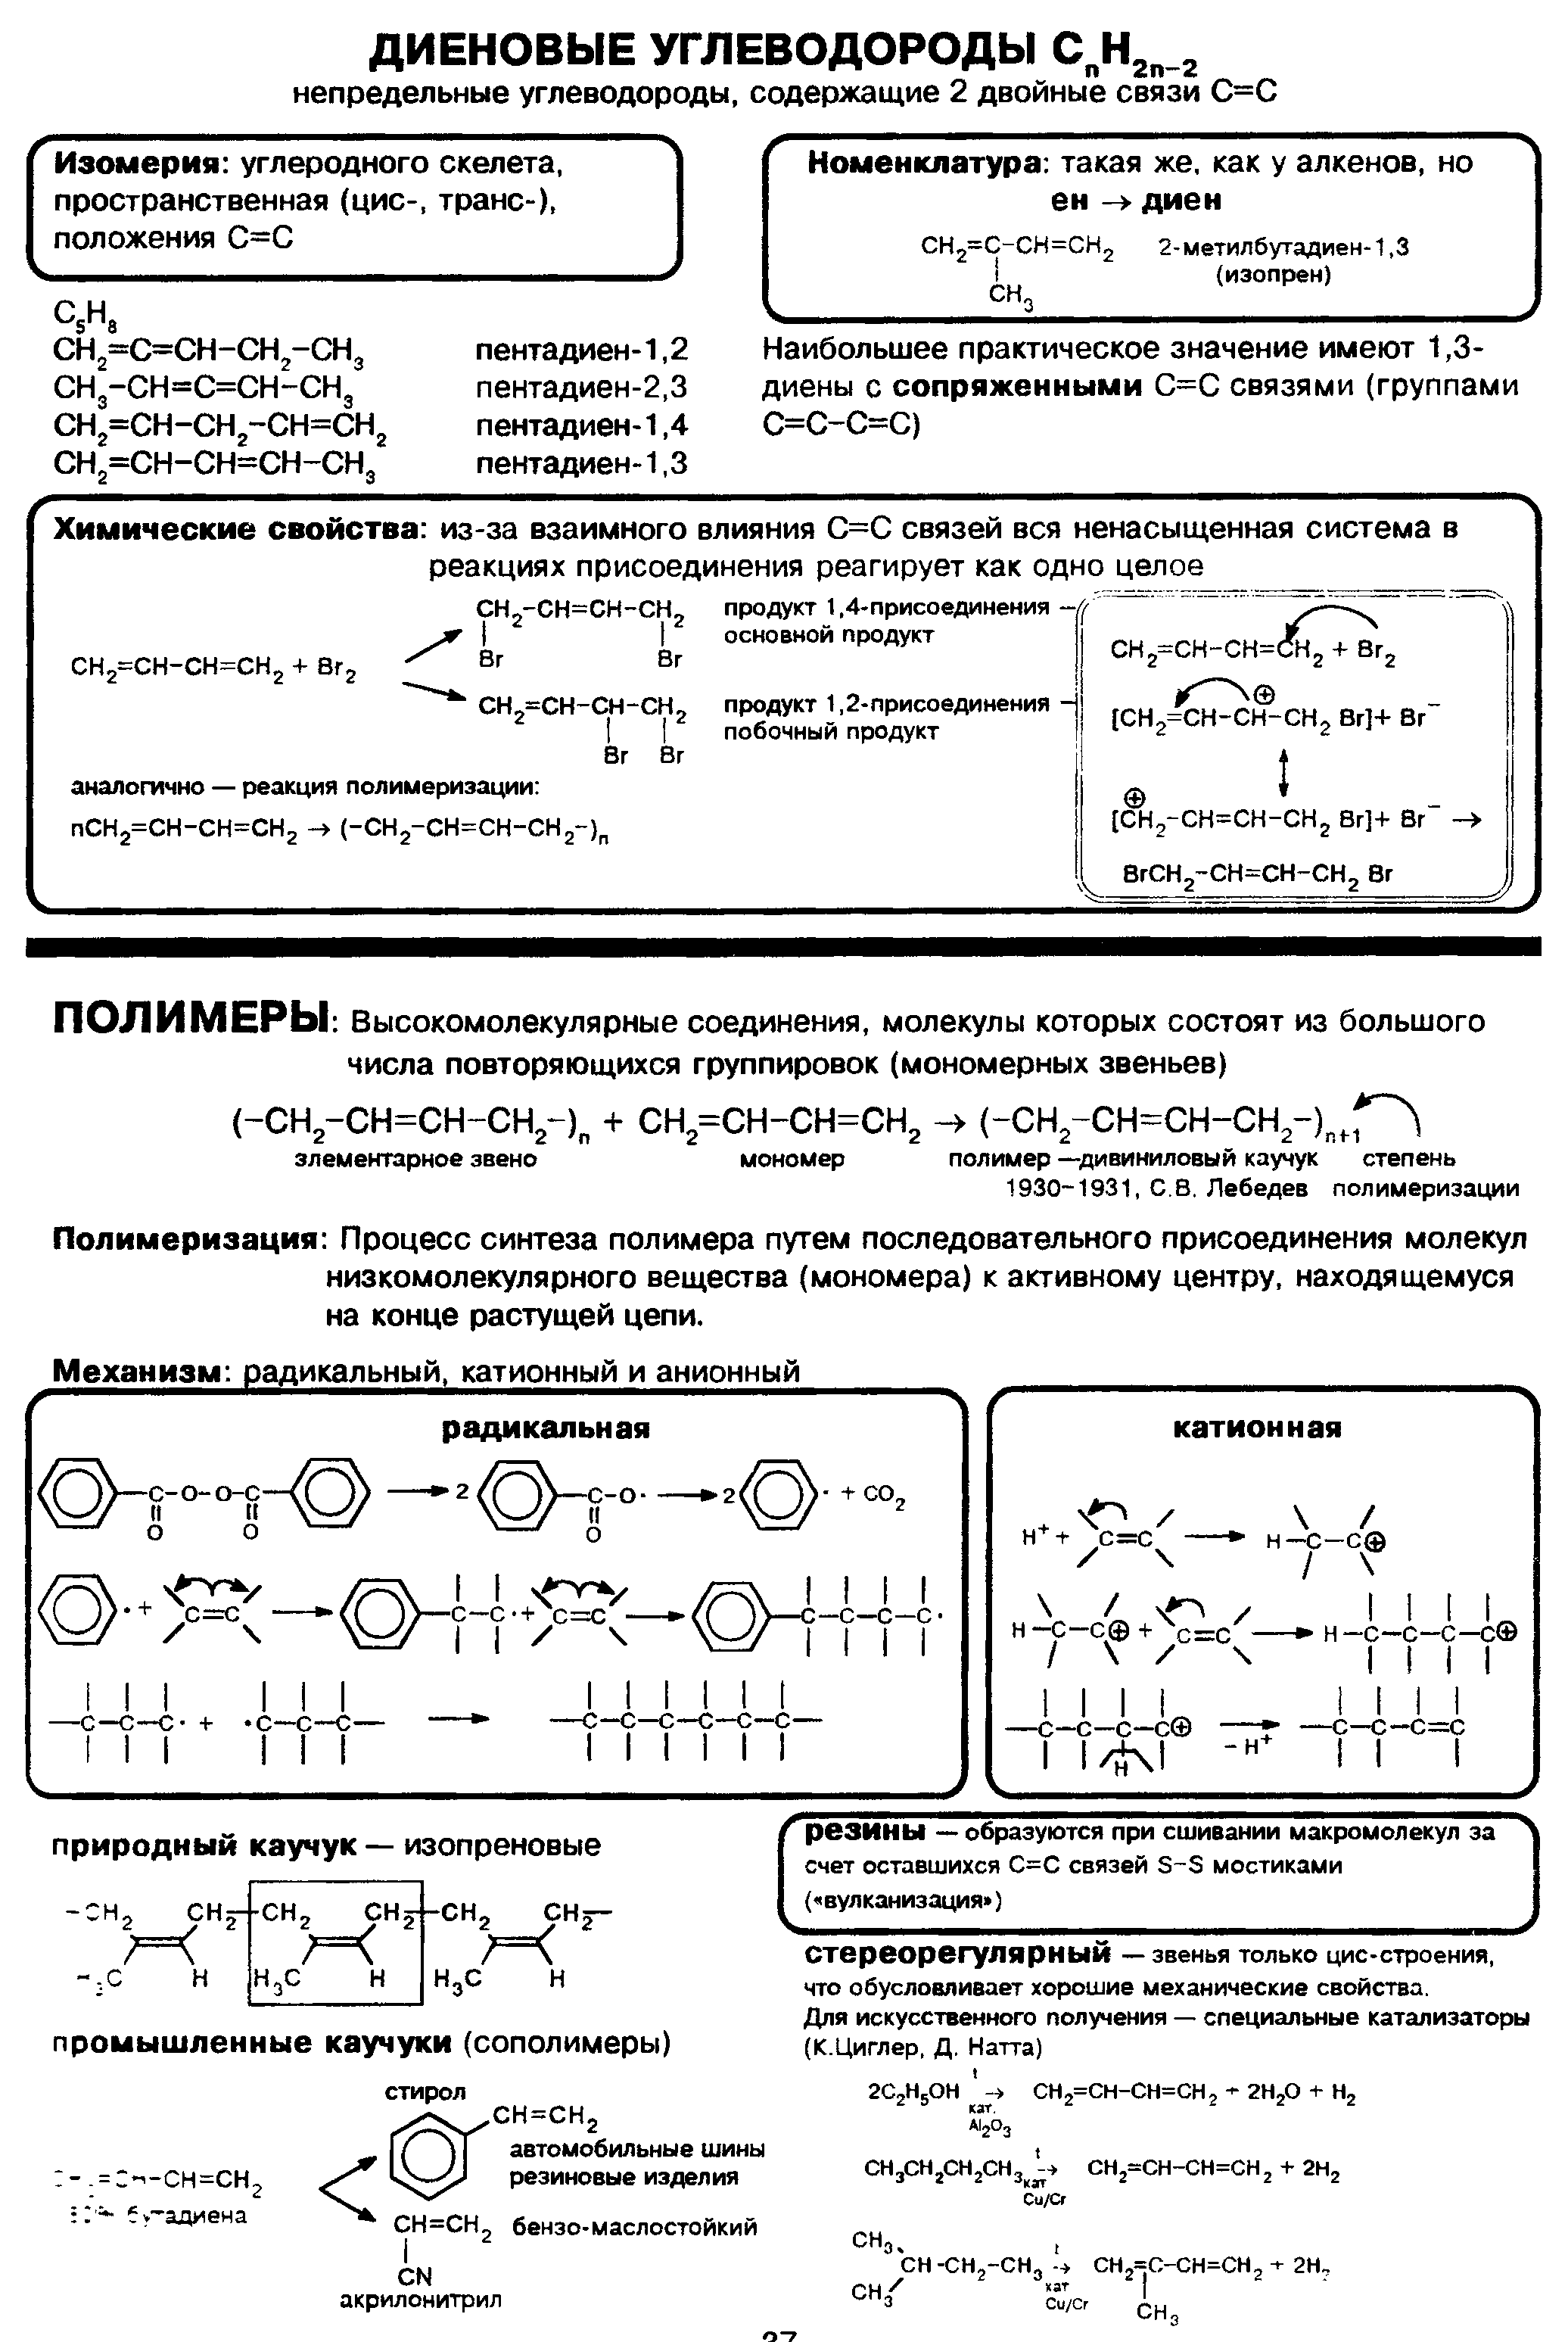 Диеновые углеводороды. Полимеры